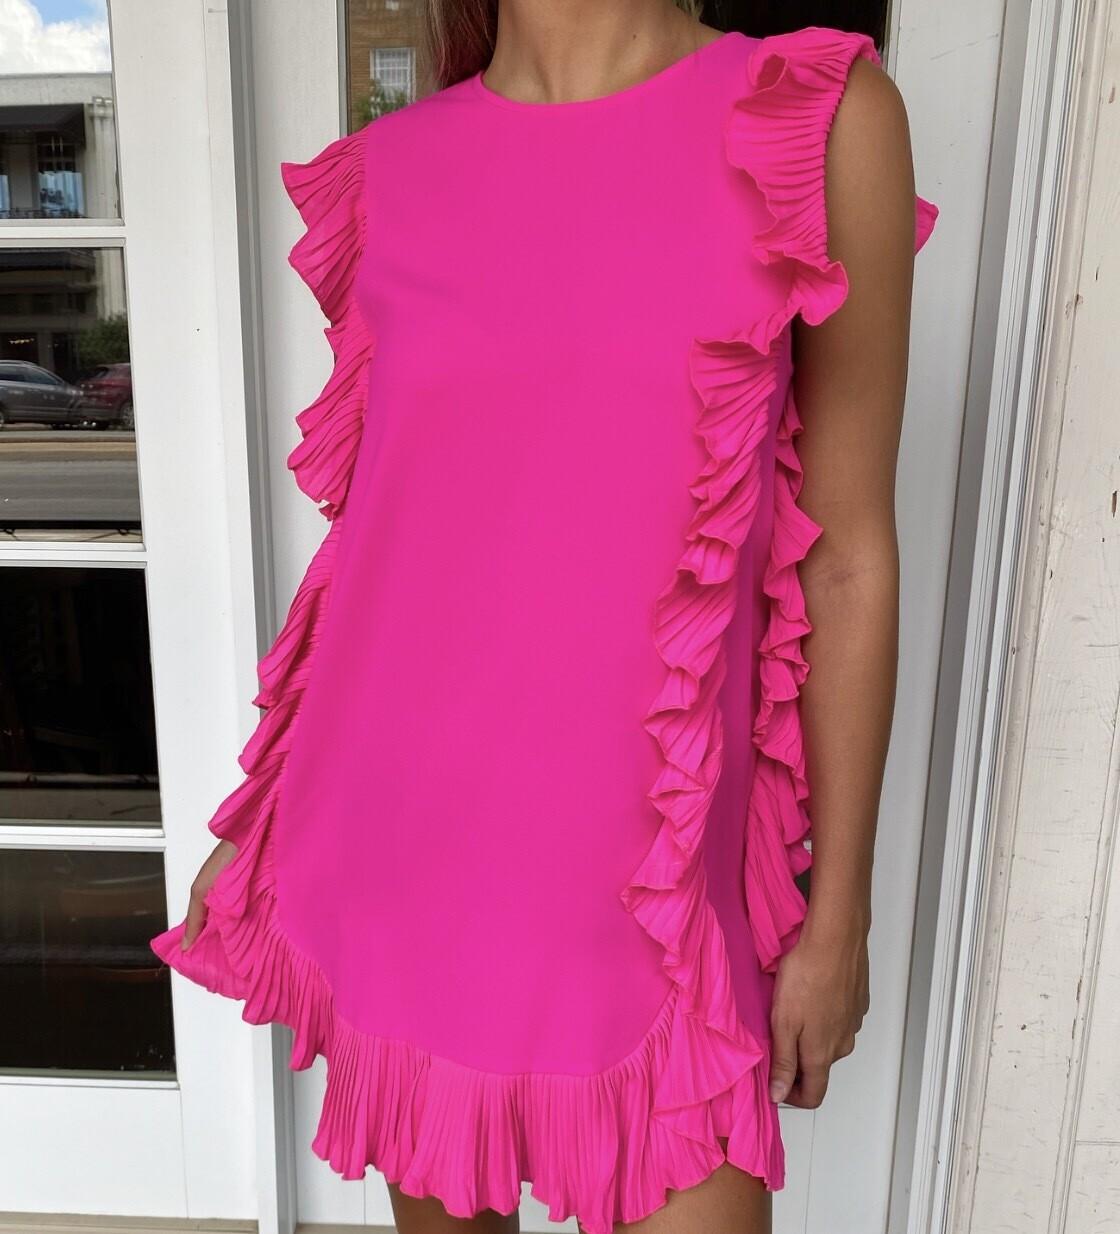 Shocking Pink Flutter Dress